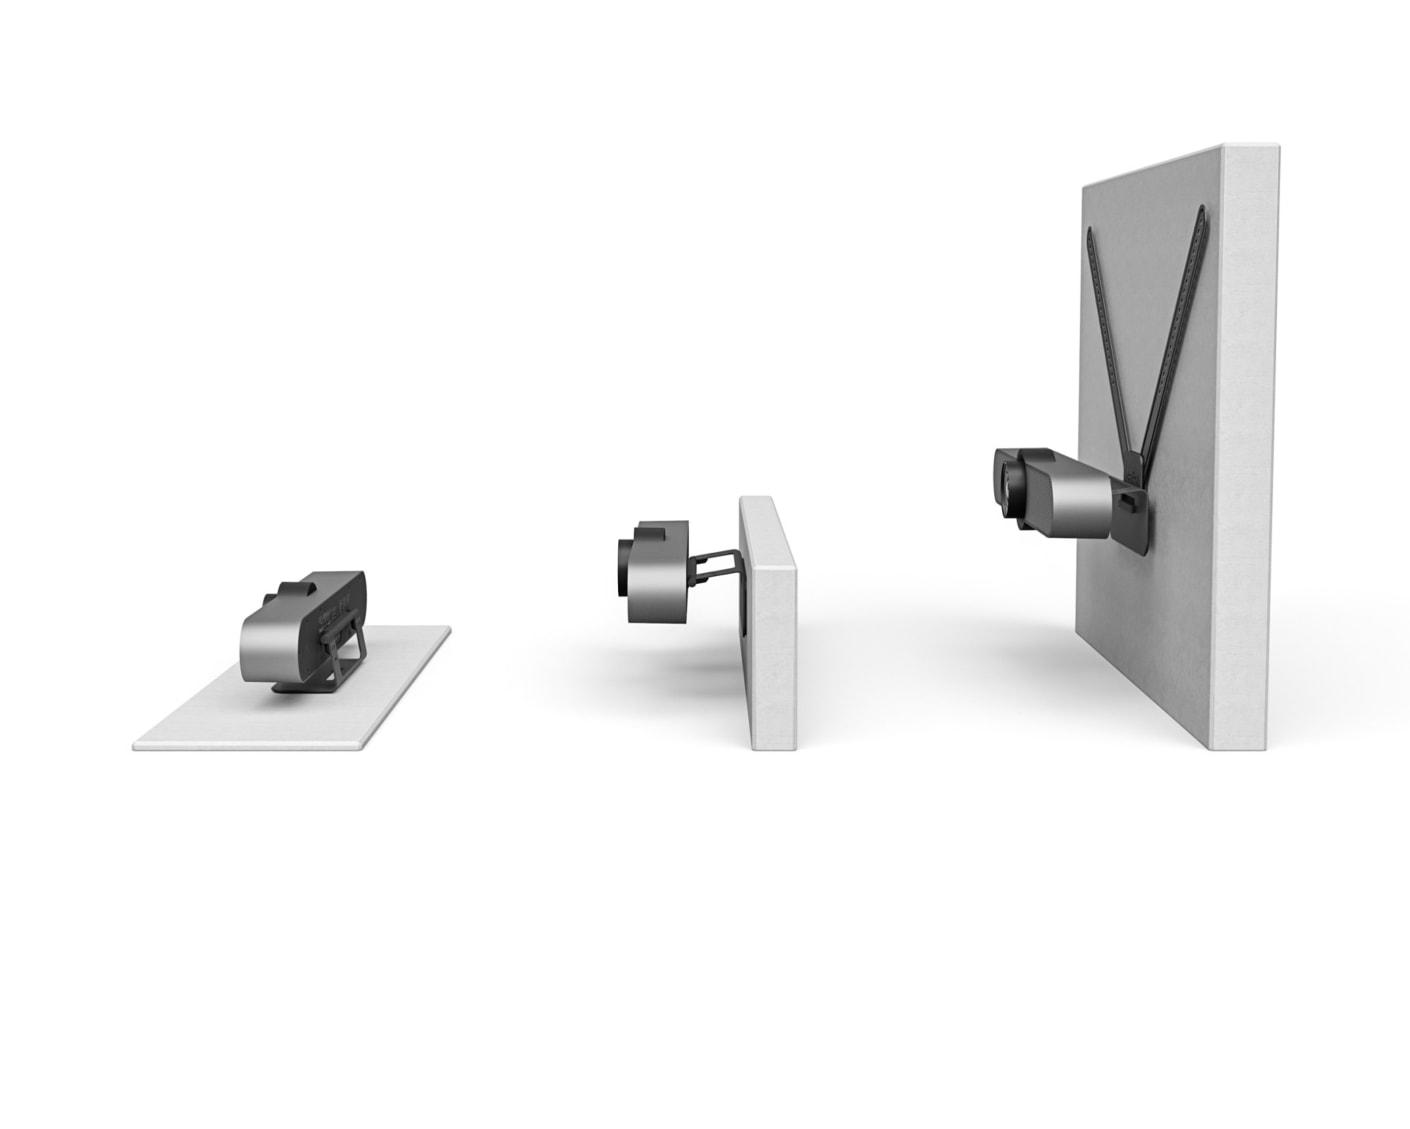 Widok możliwości montażu MeetUp: z boku, na podstawce na stół, montaż na ścianie i montaż na telewizorze